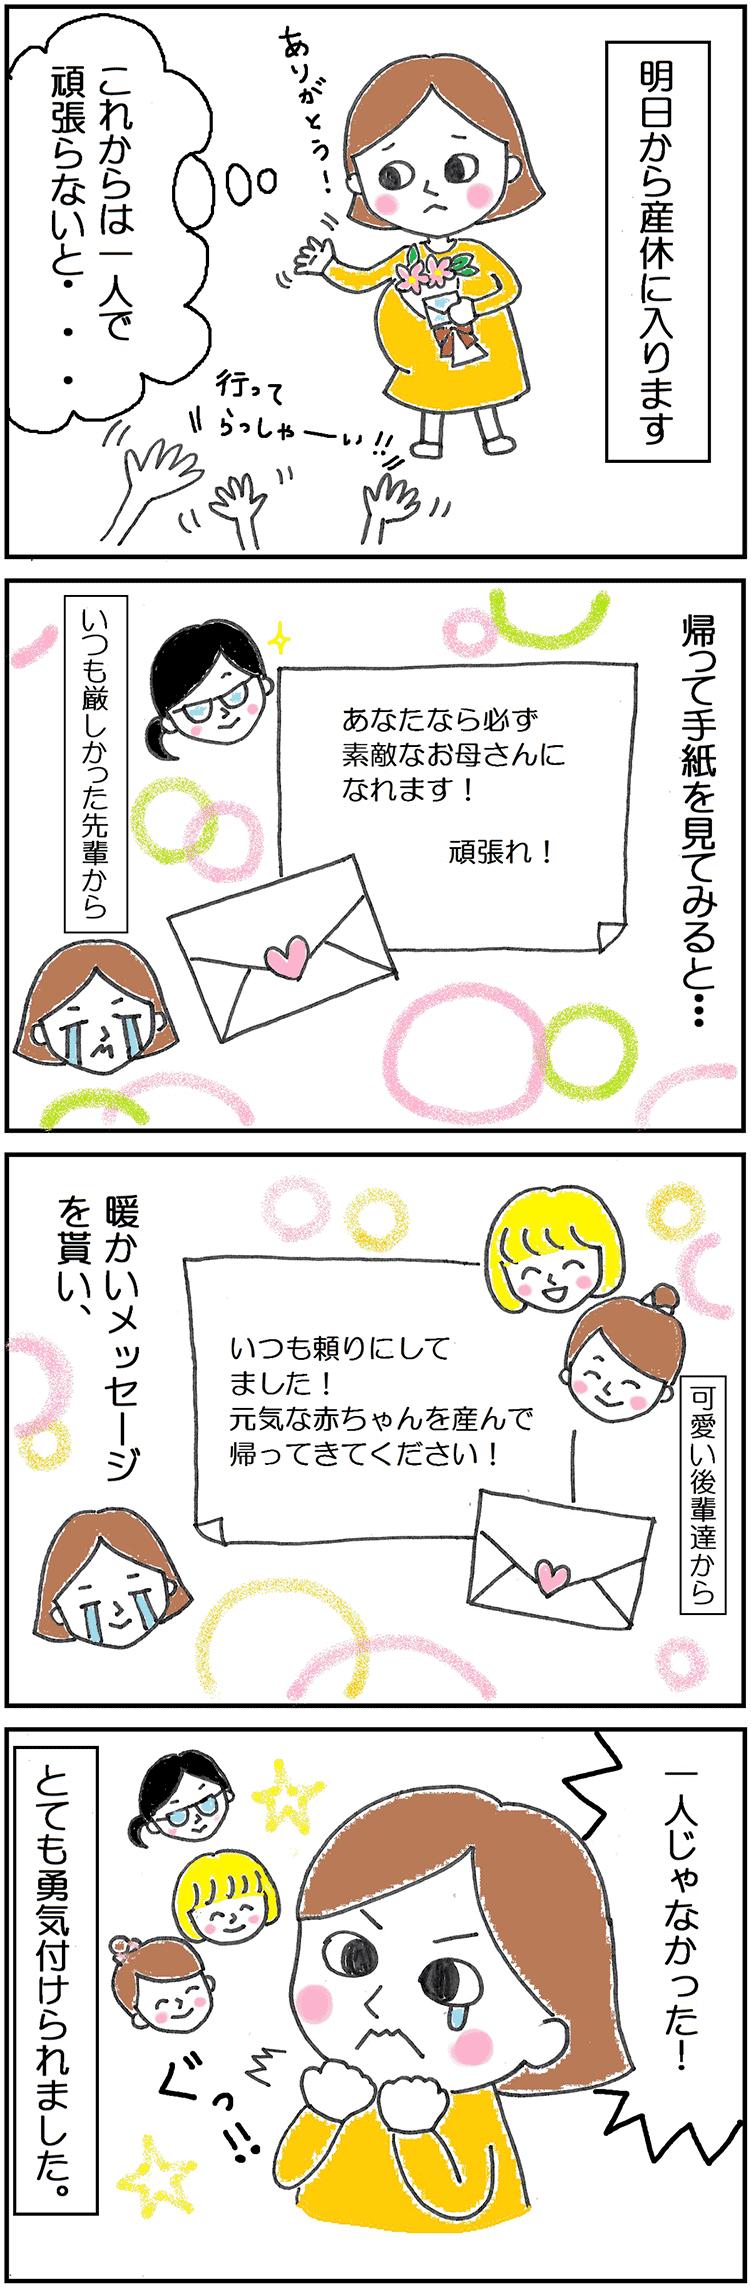 産休メッセージについての4コマ漫画